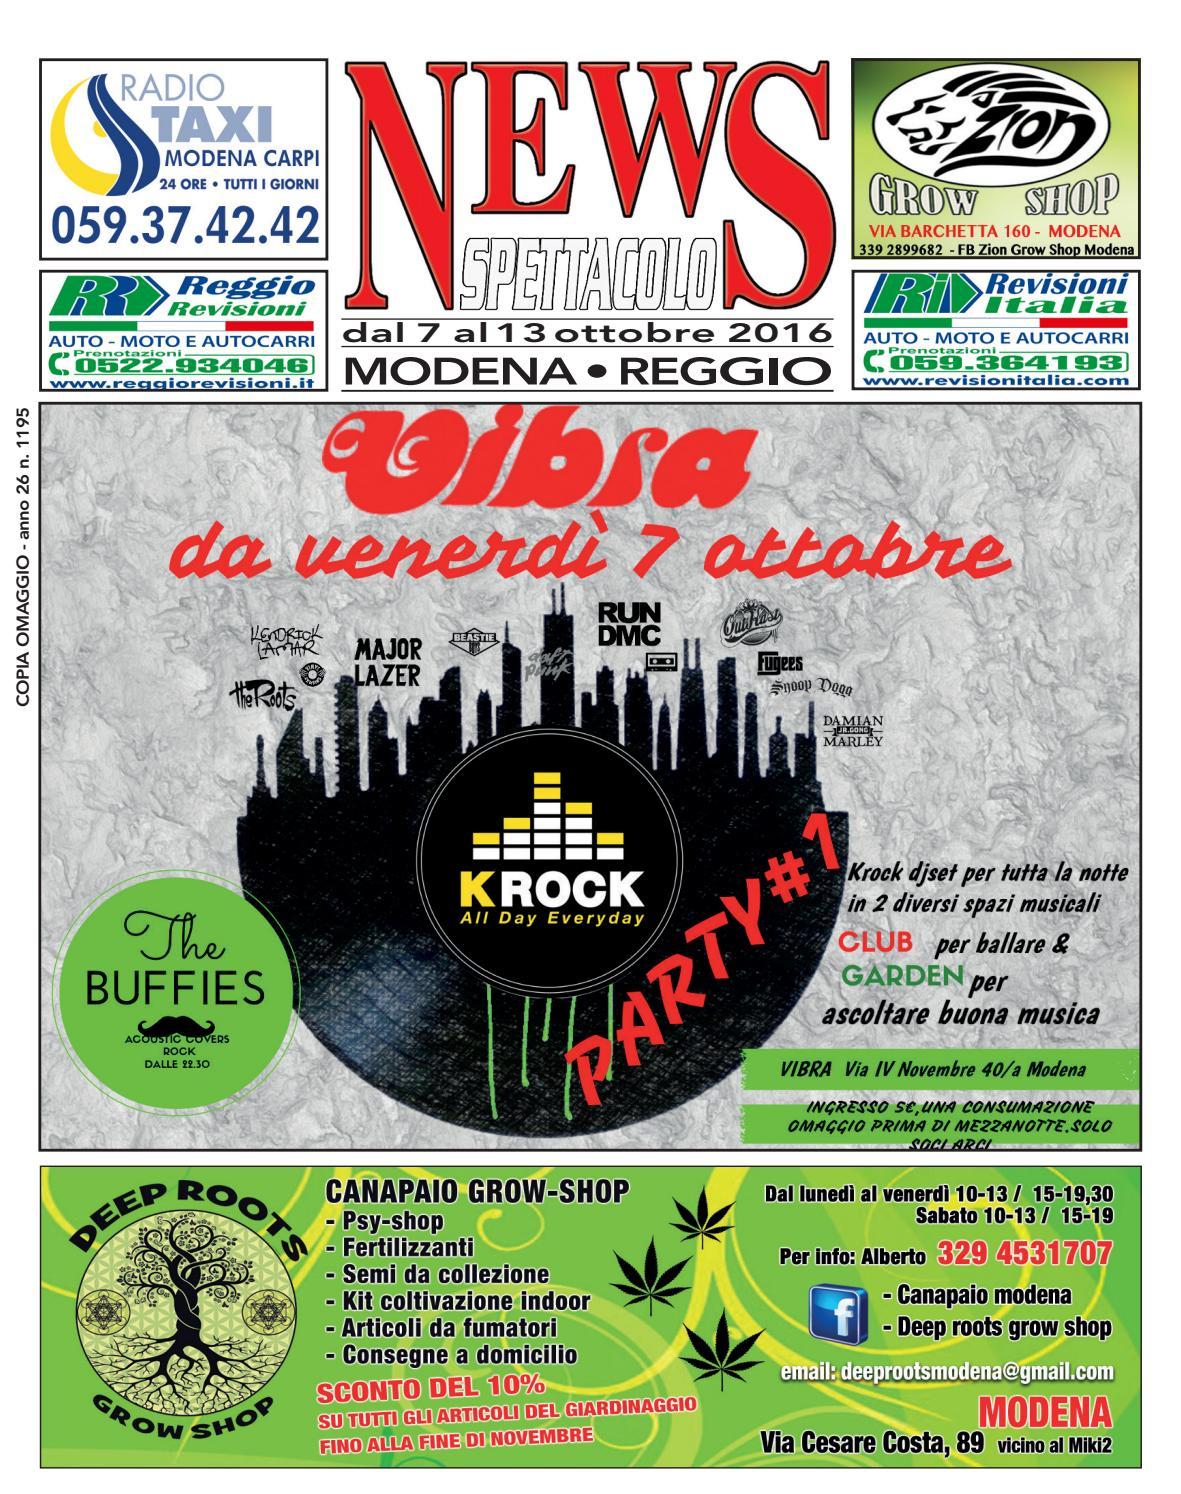 d0d63a400fda 1195 news by edizioni b.l.b. snc - issuu